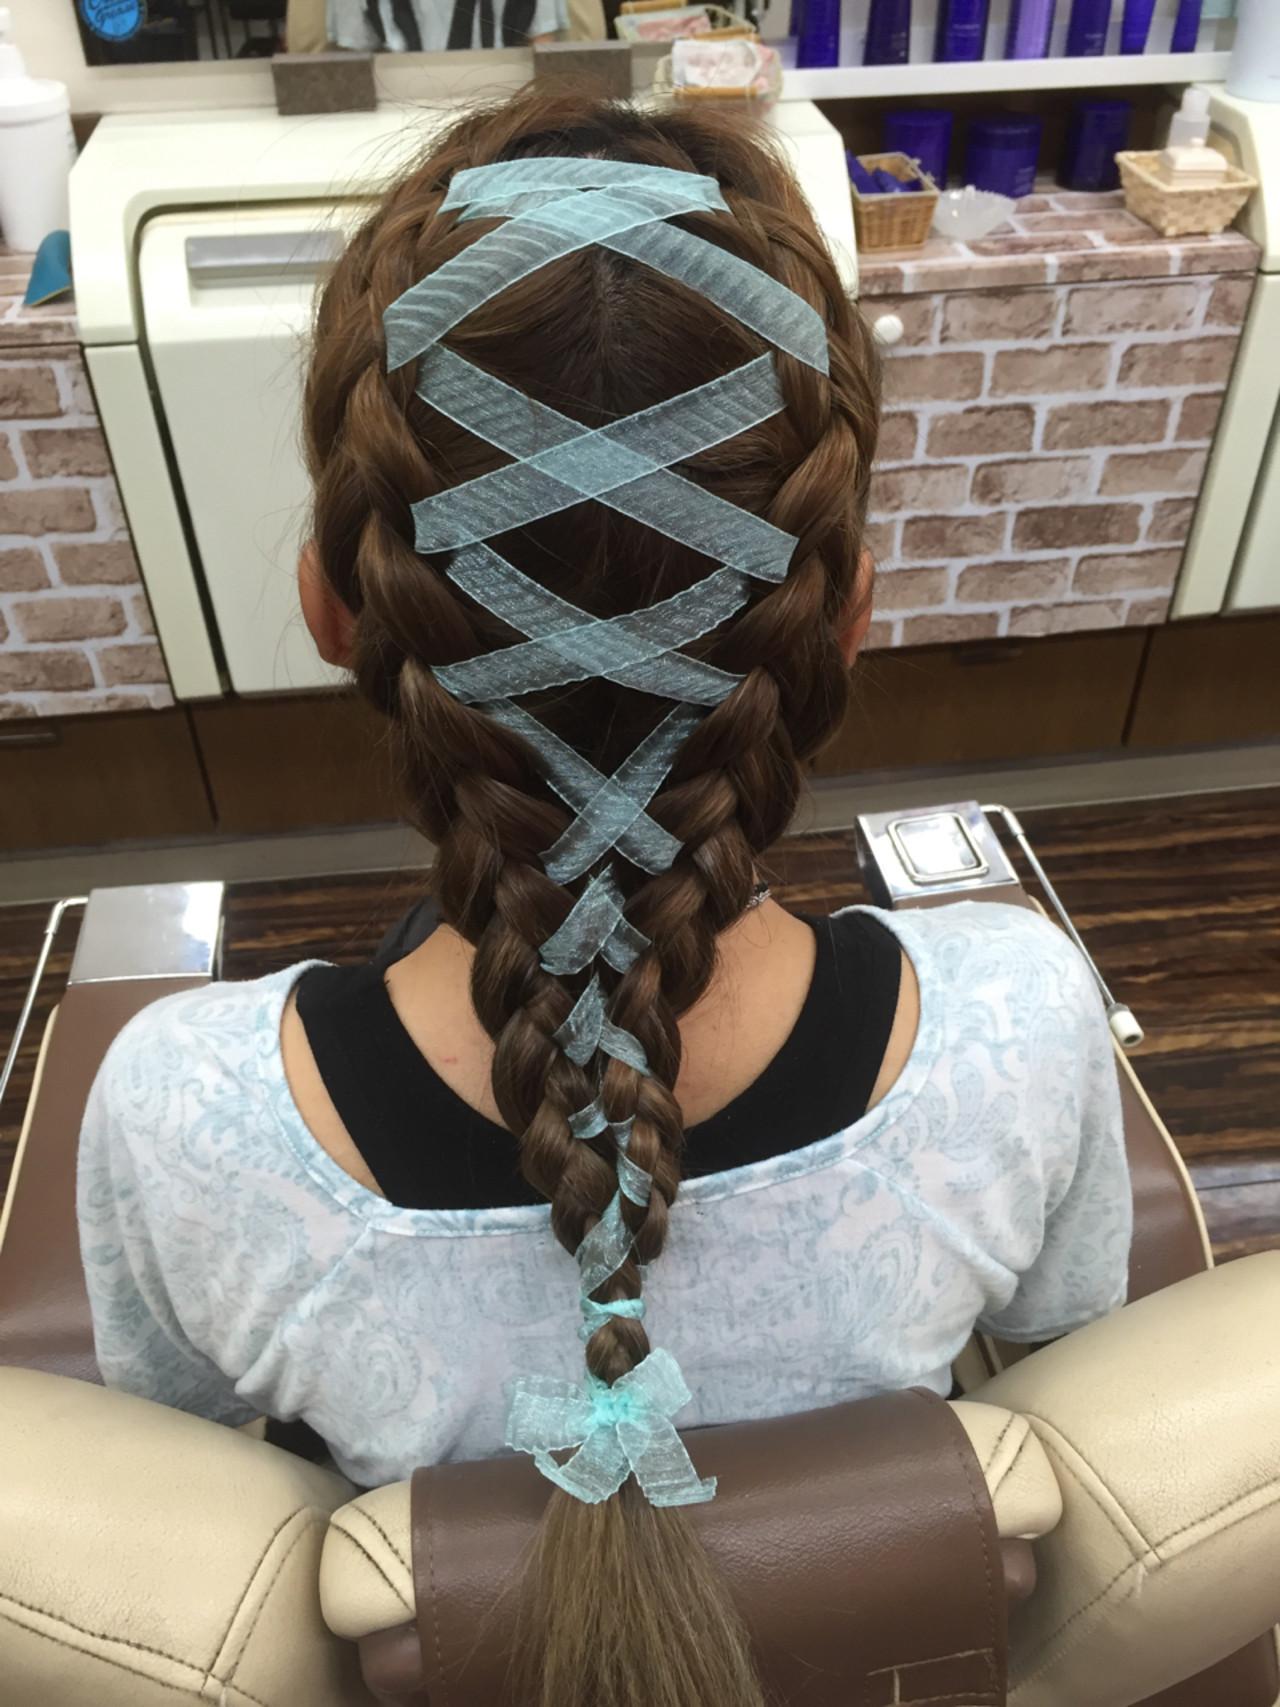 ツインテール 編み込み ガーリー ショート ヘアスタイルや髪型の写真・画像